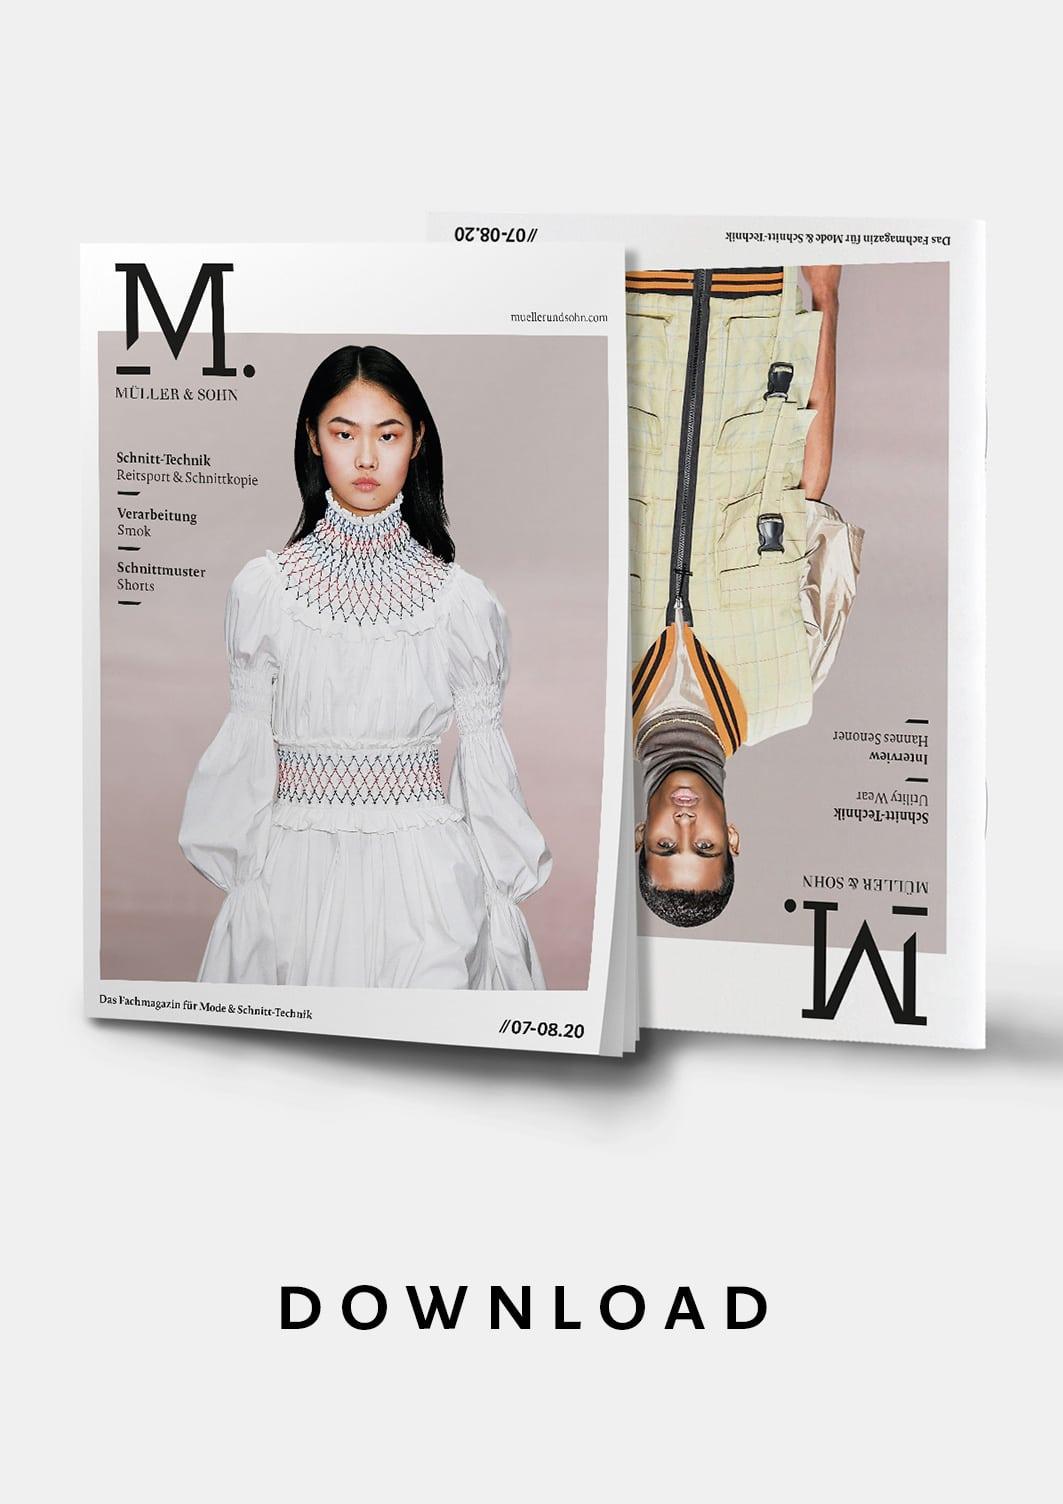 M. Müller & Sohn Magazin 07-08.2020